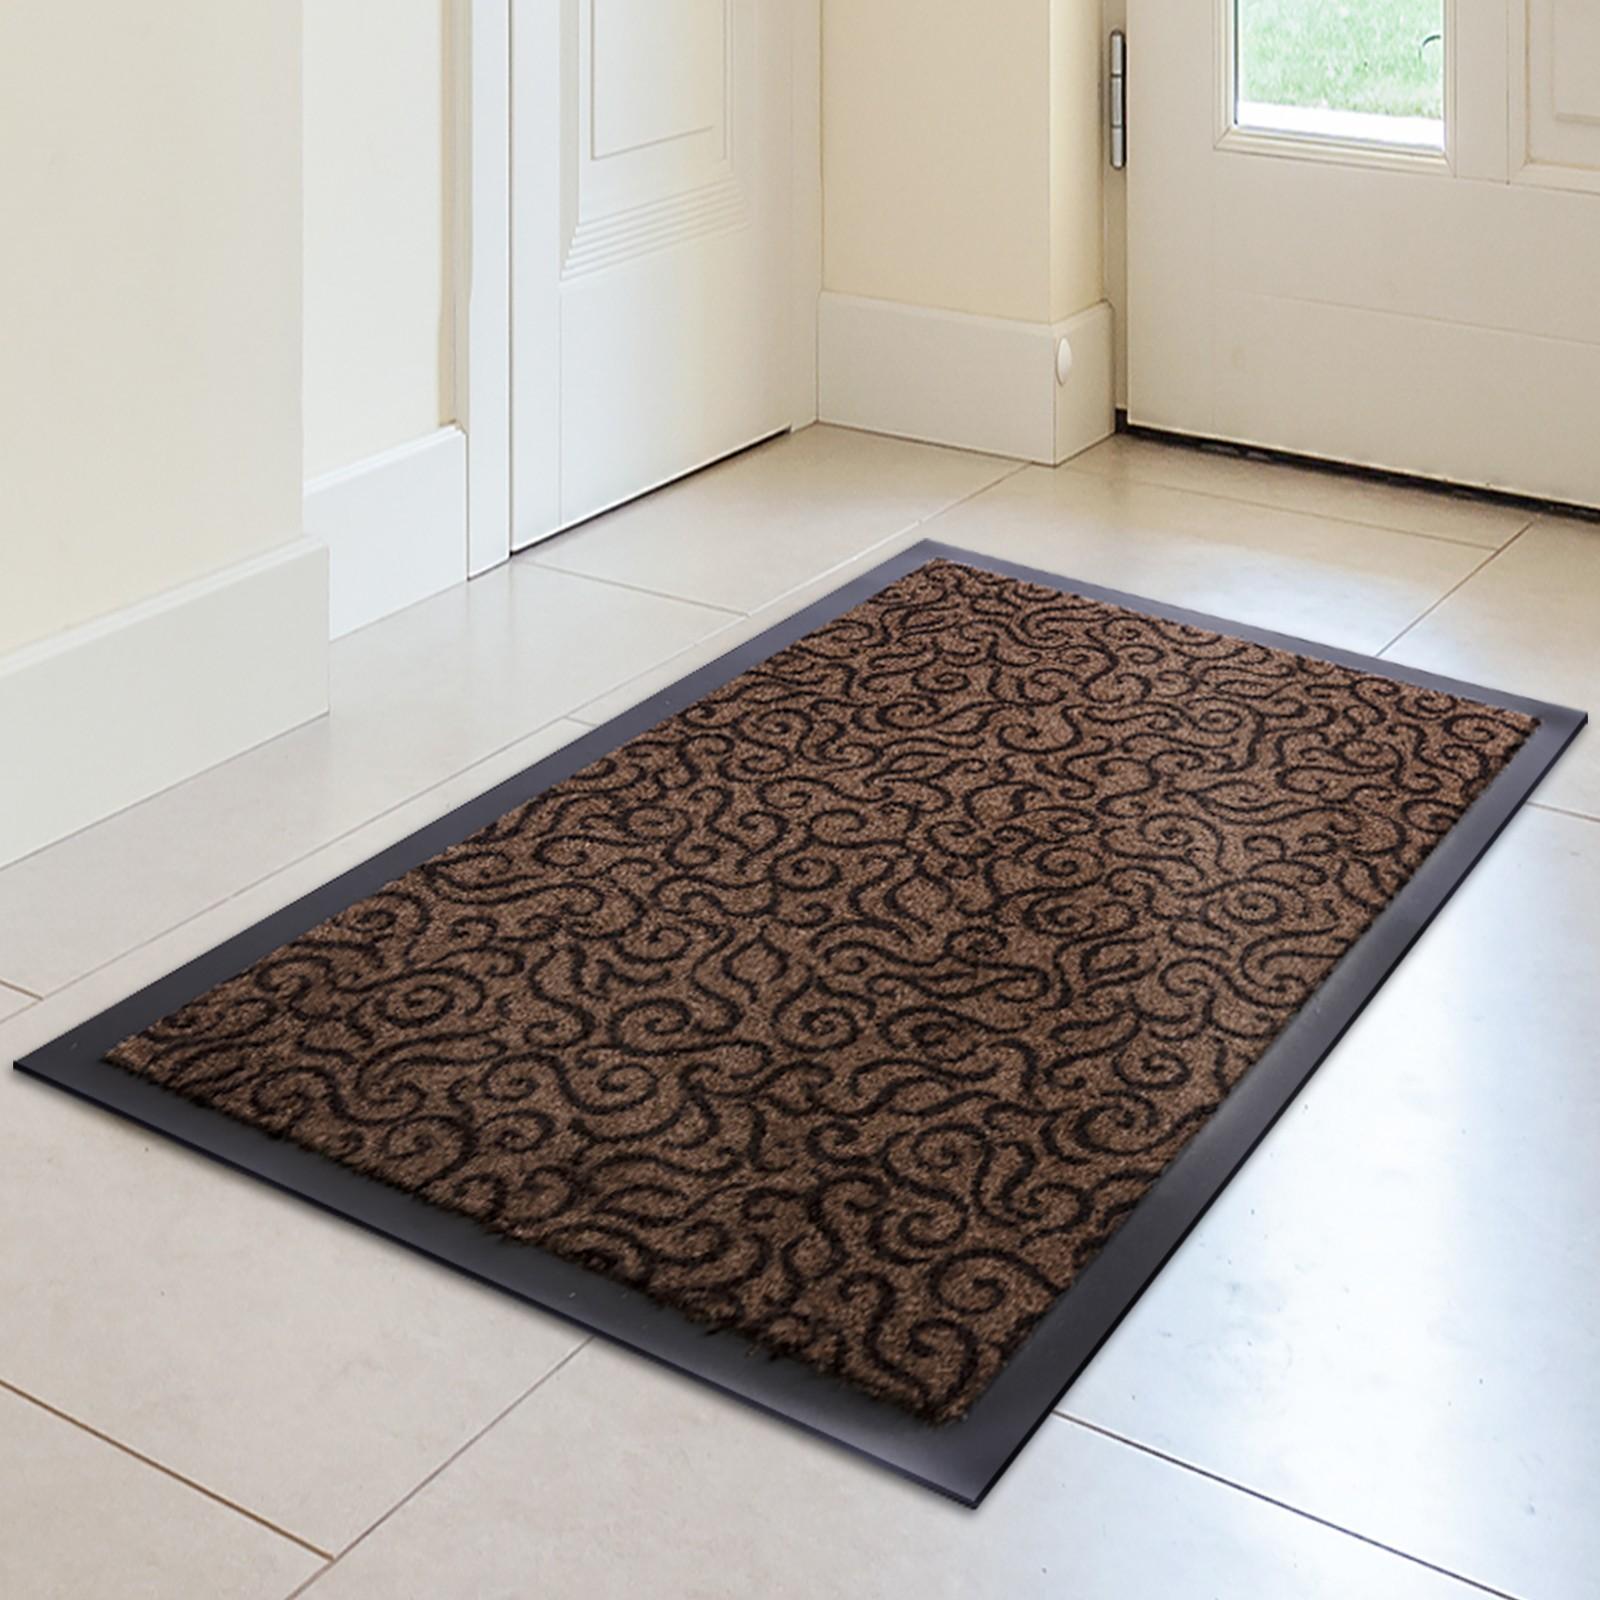 tapis entrée maison